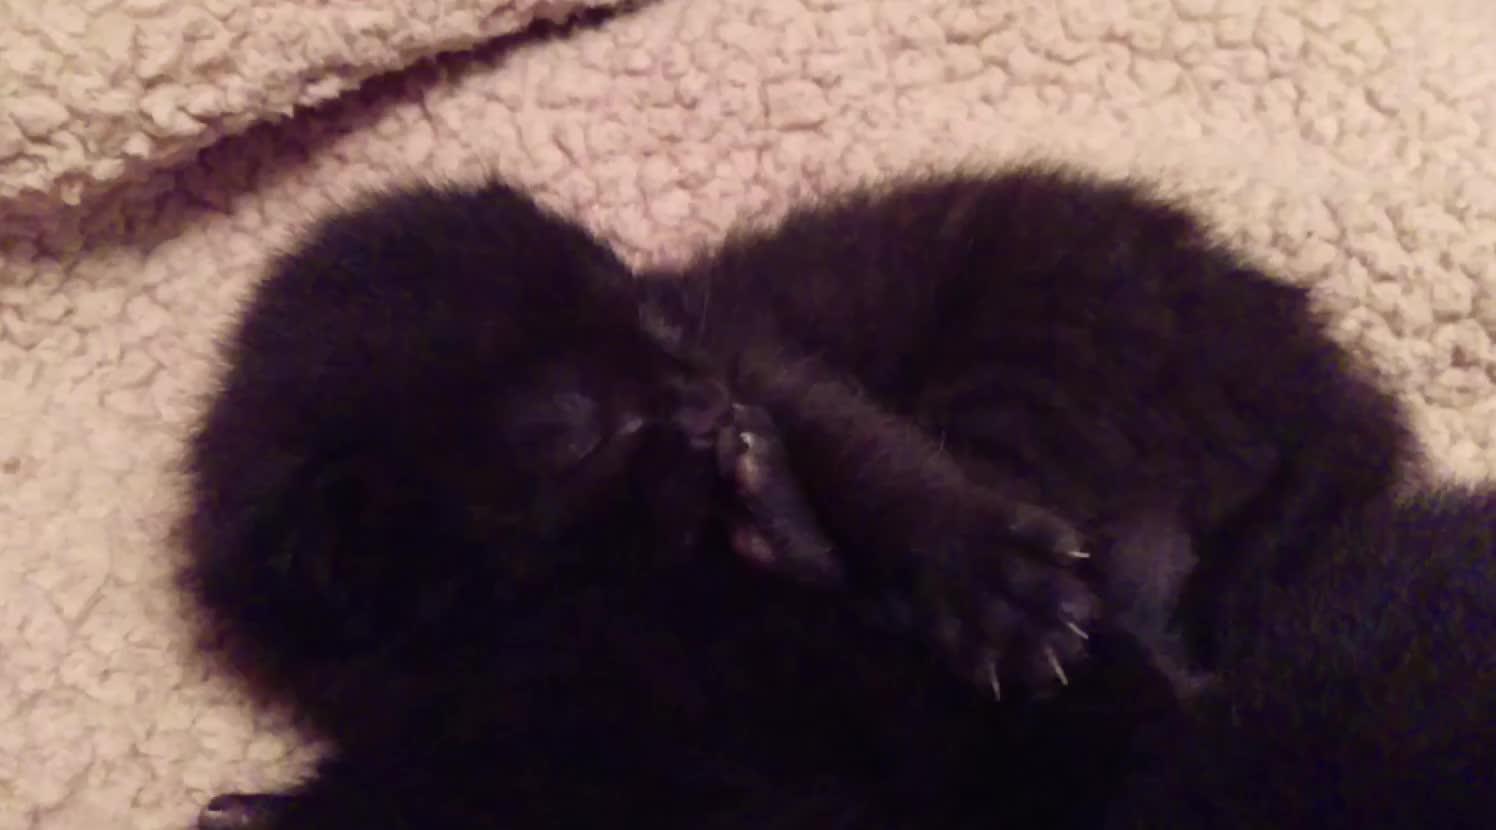 Cute, Kitten, Sleepy Kitten GIFs